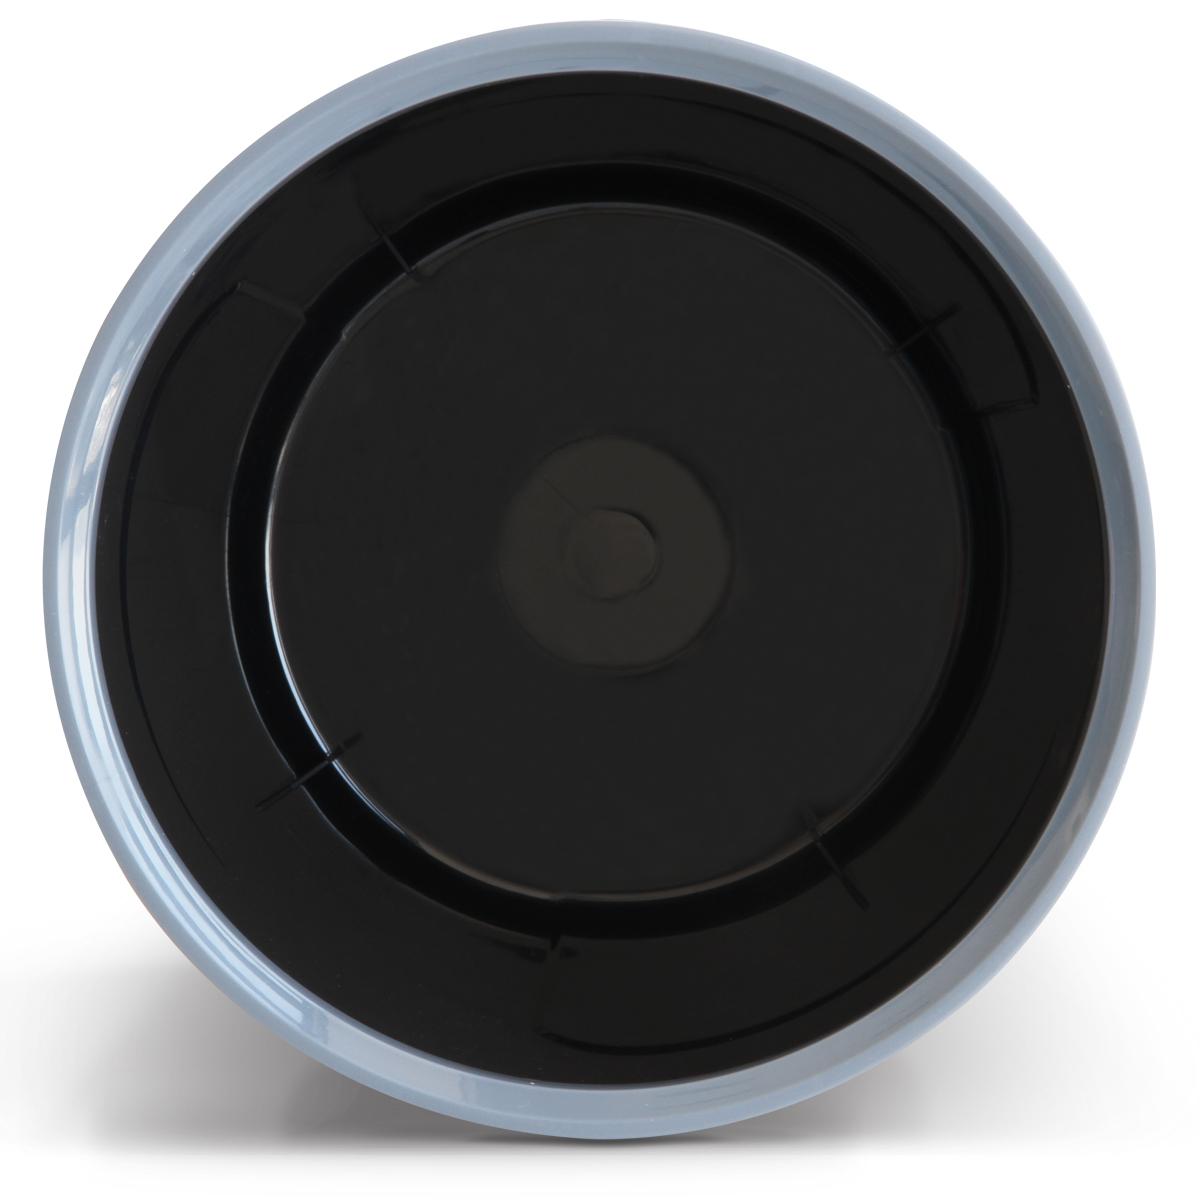 得力9555圆形清洁桶(黑)(只)_http://www.chuangxinoa.com/img/sp/images/20170614163901560196221.jpg